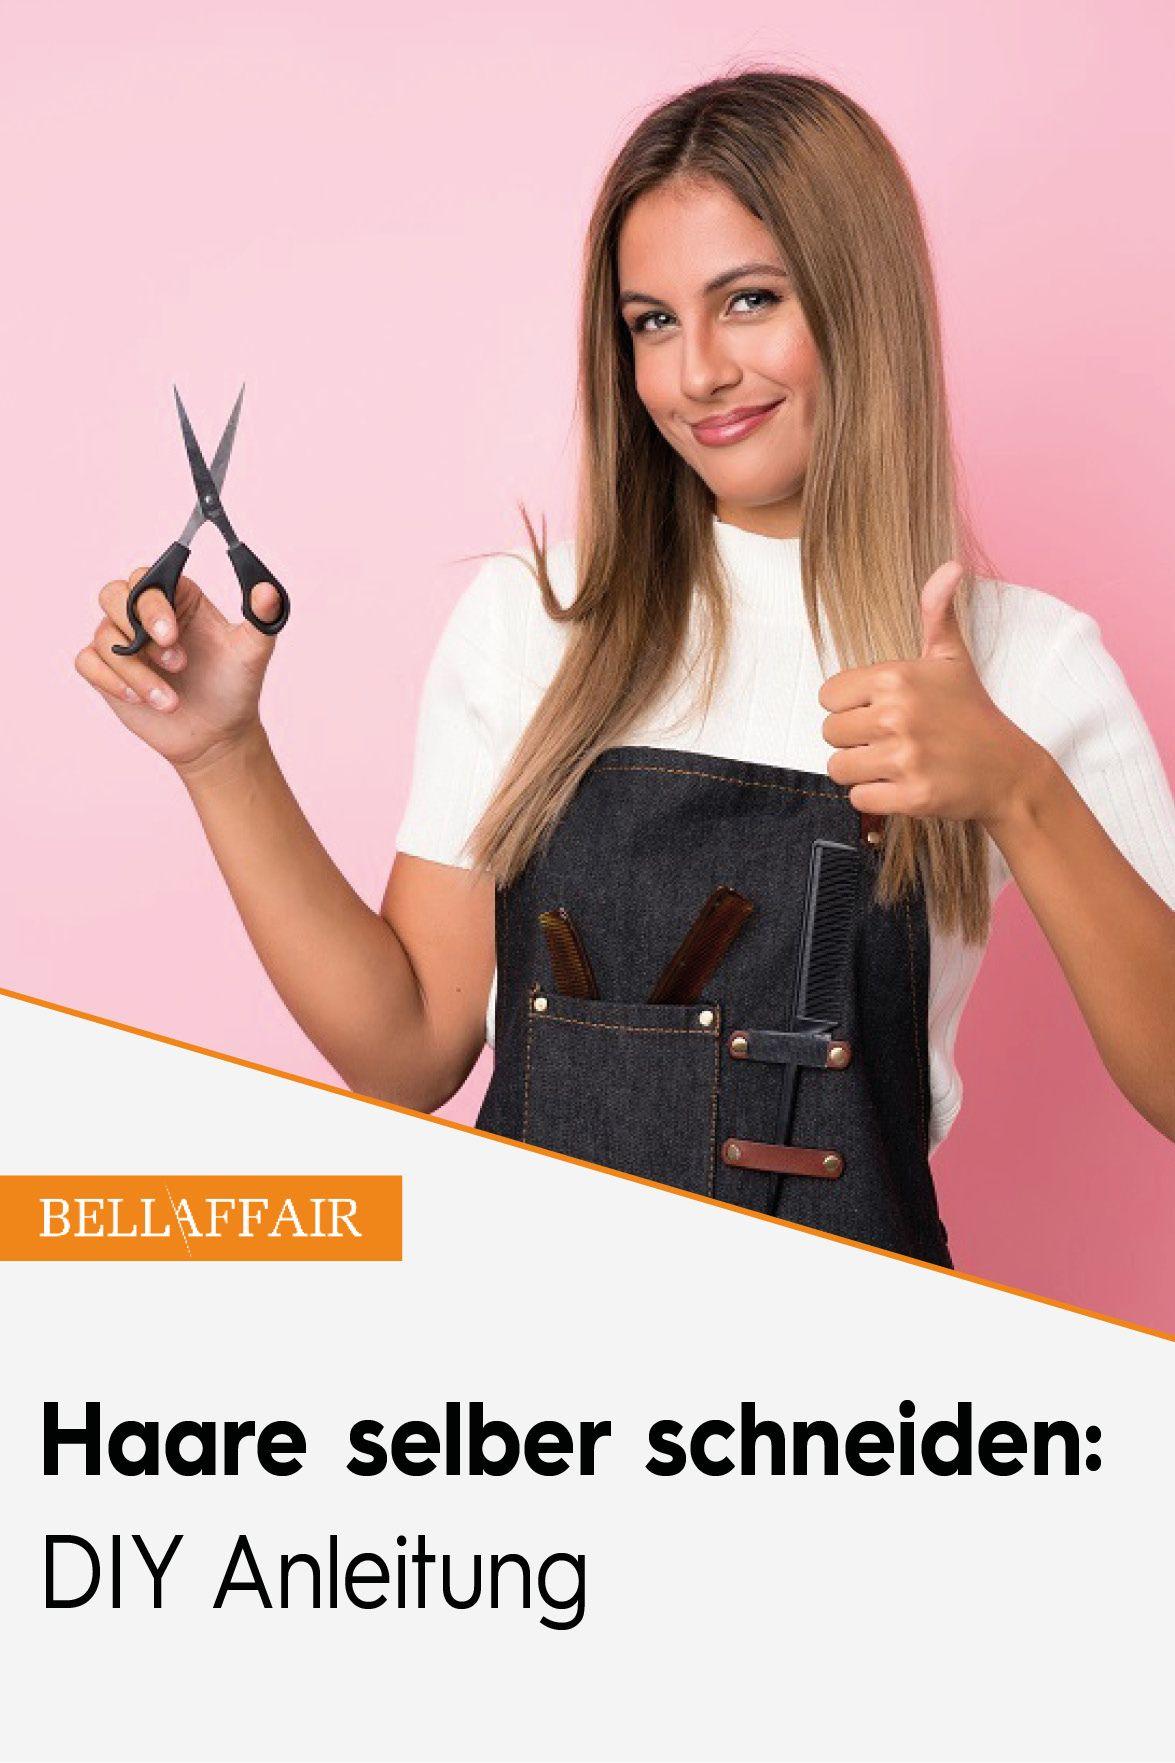 Haare selber schneiden: DIY Anleitung | Haare selber